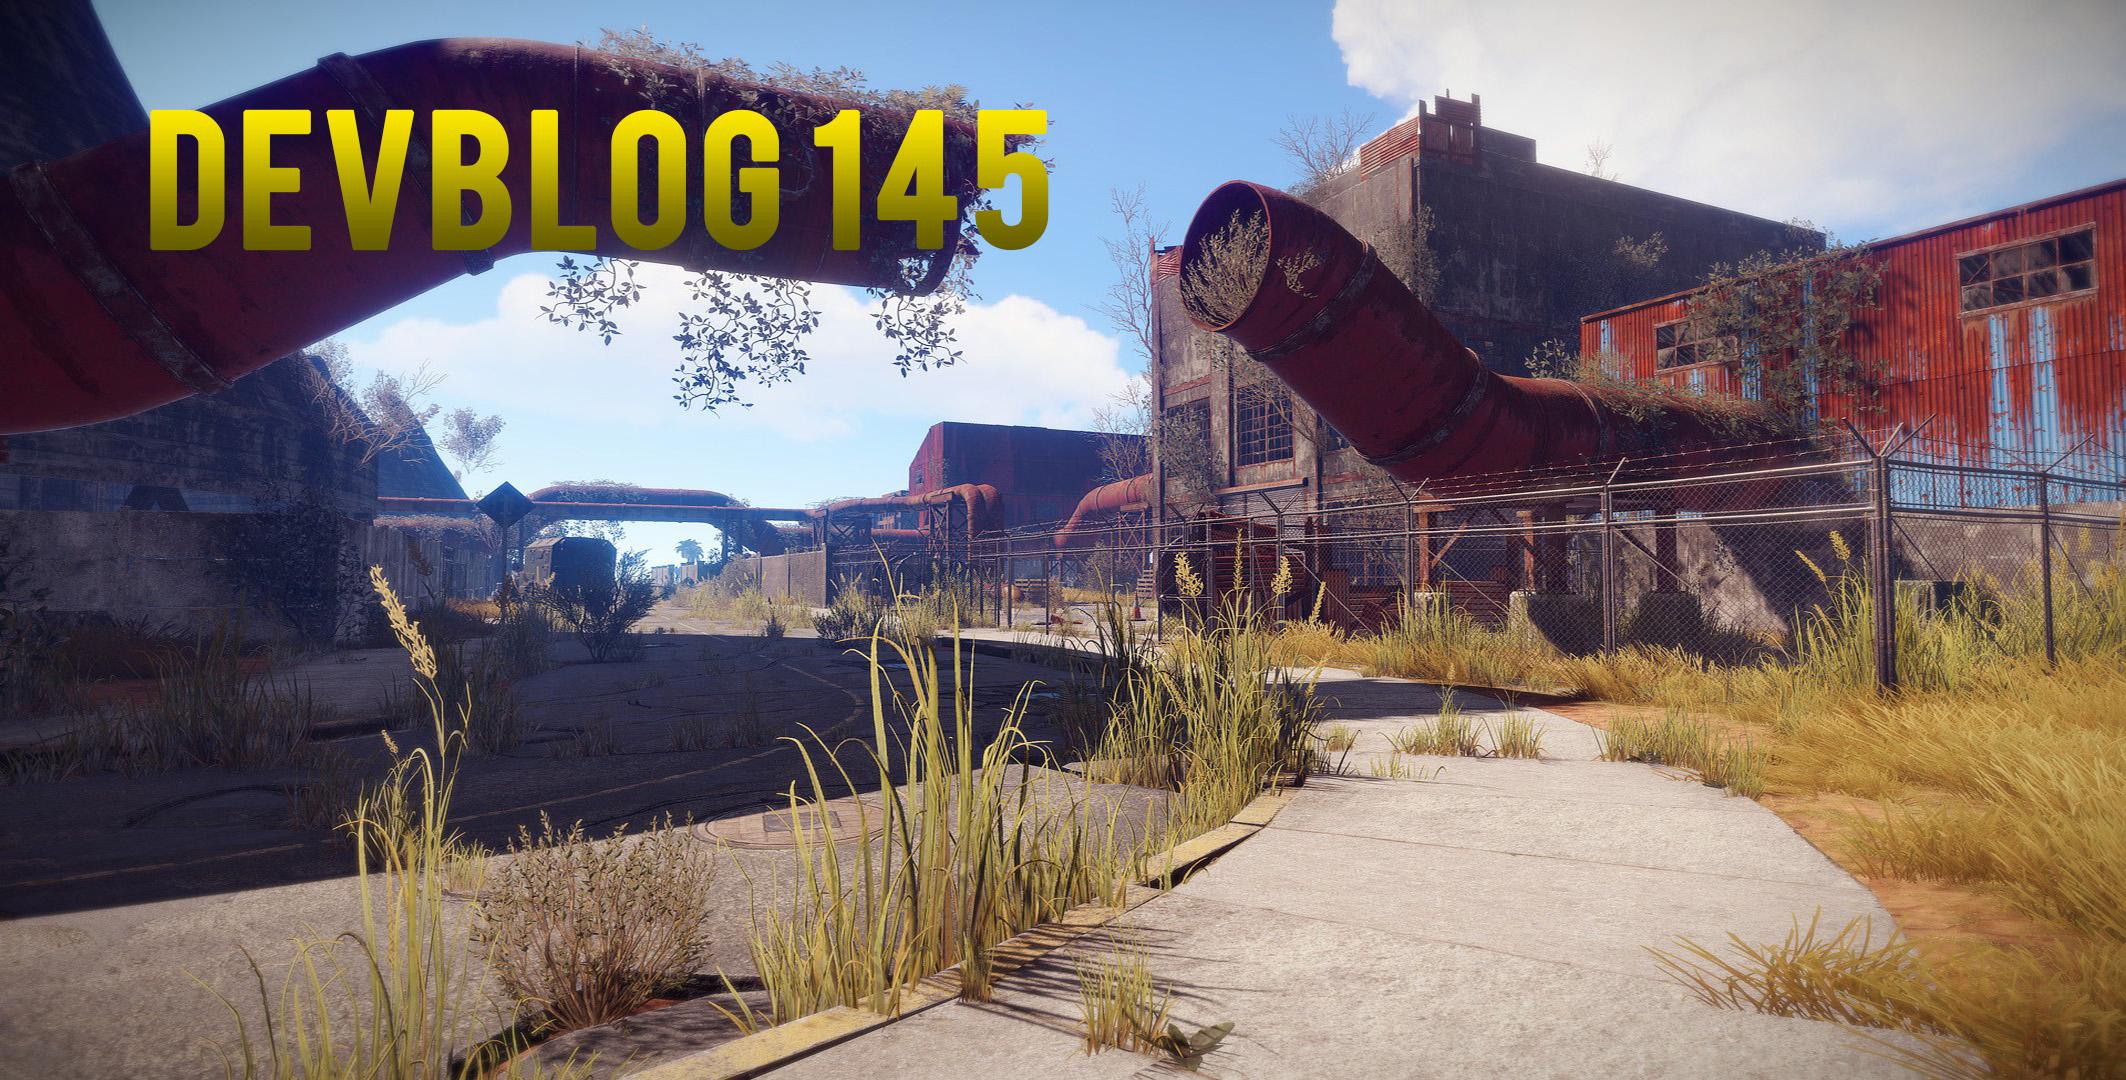 Devblog 145